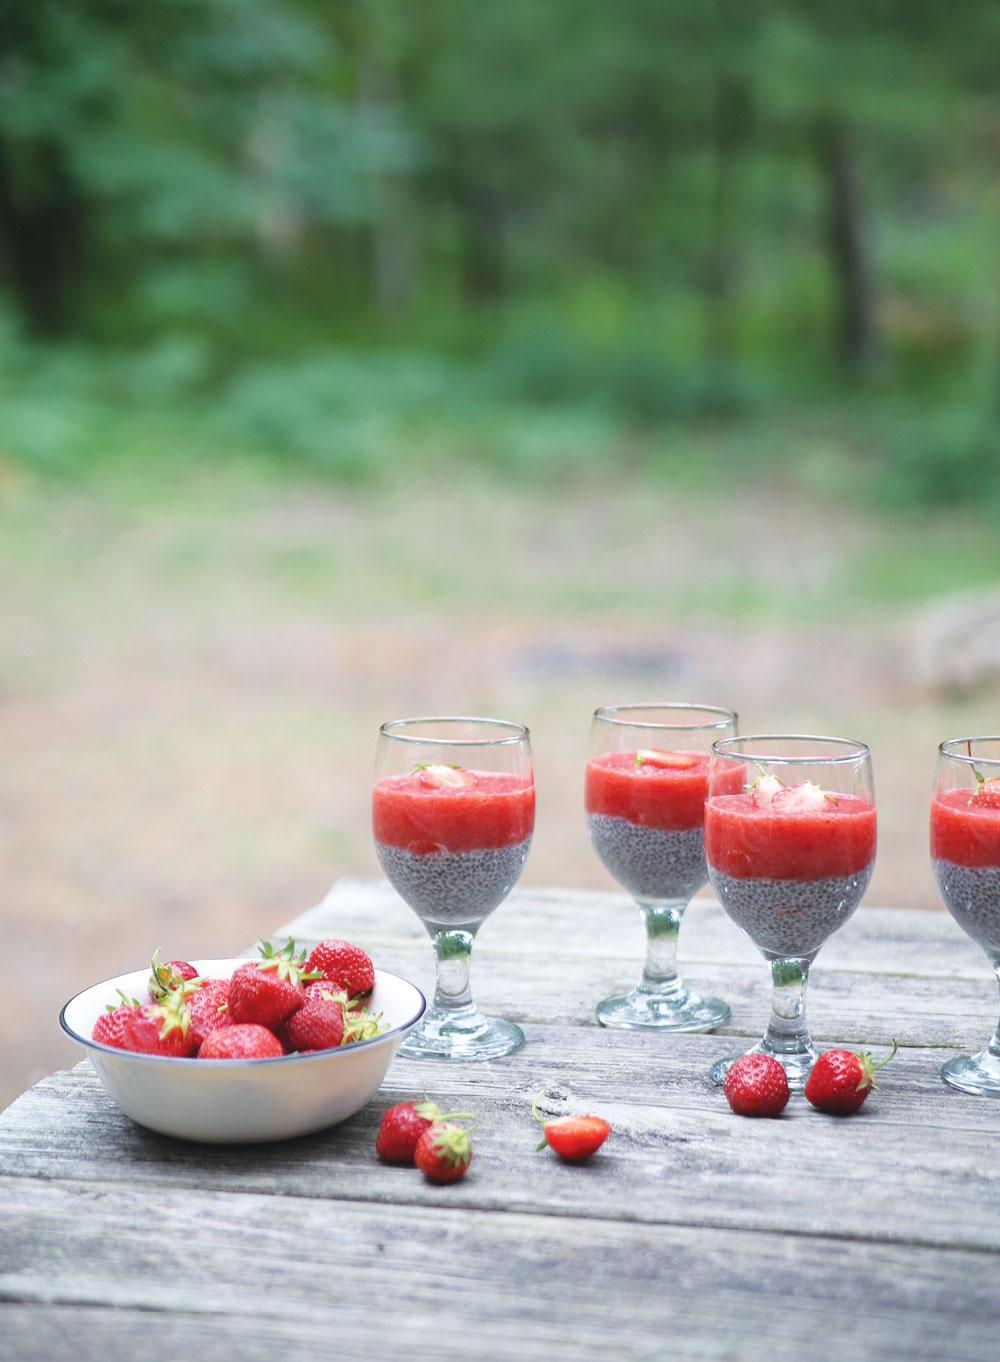 Strawberry-Puree-Chia-Pudding-Pure-Ella-Leche7